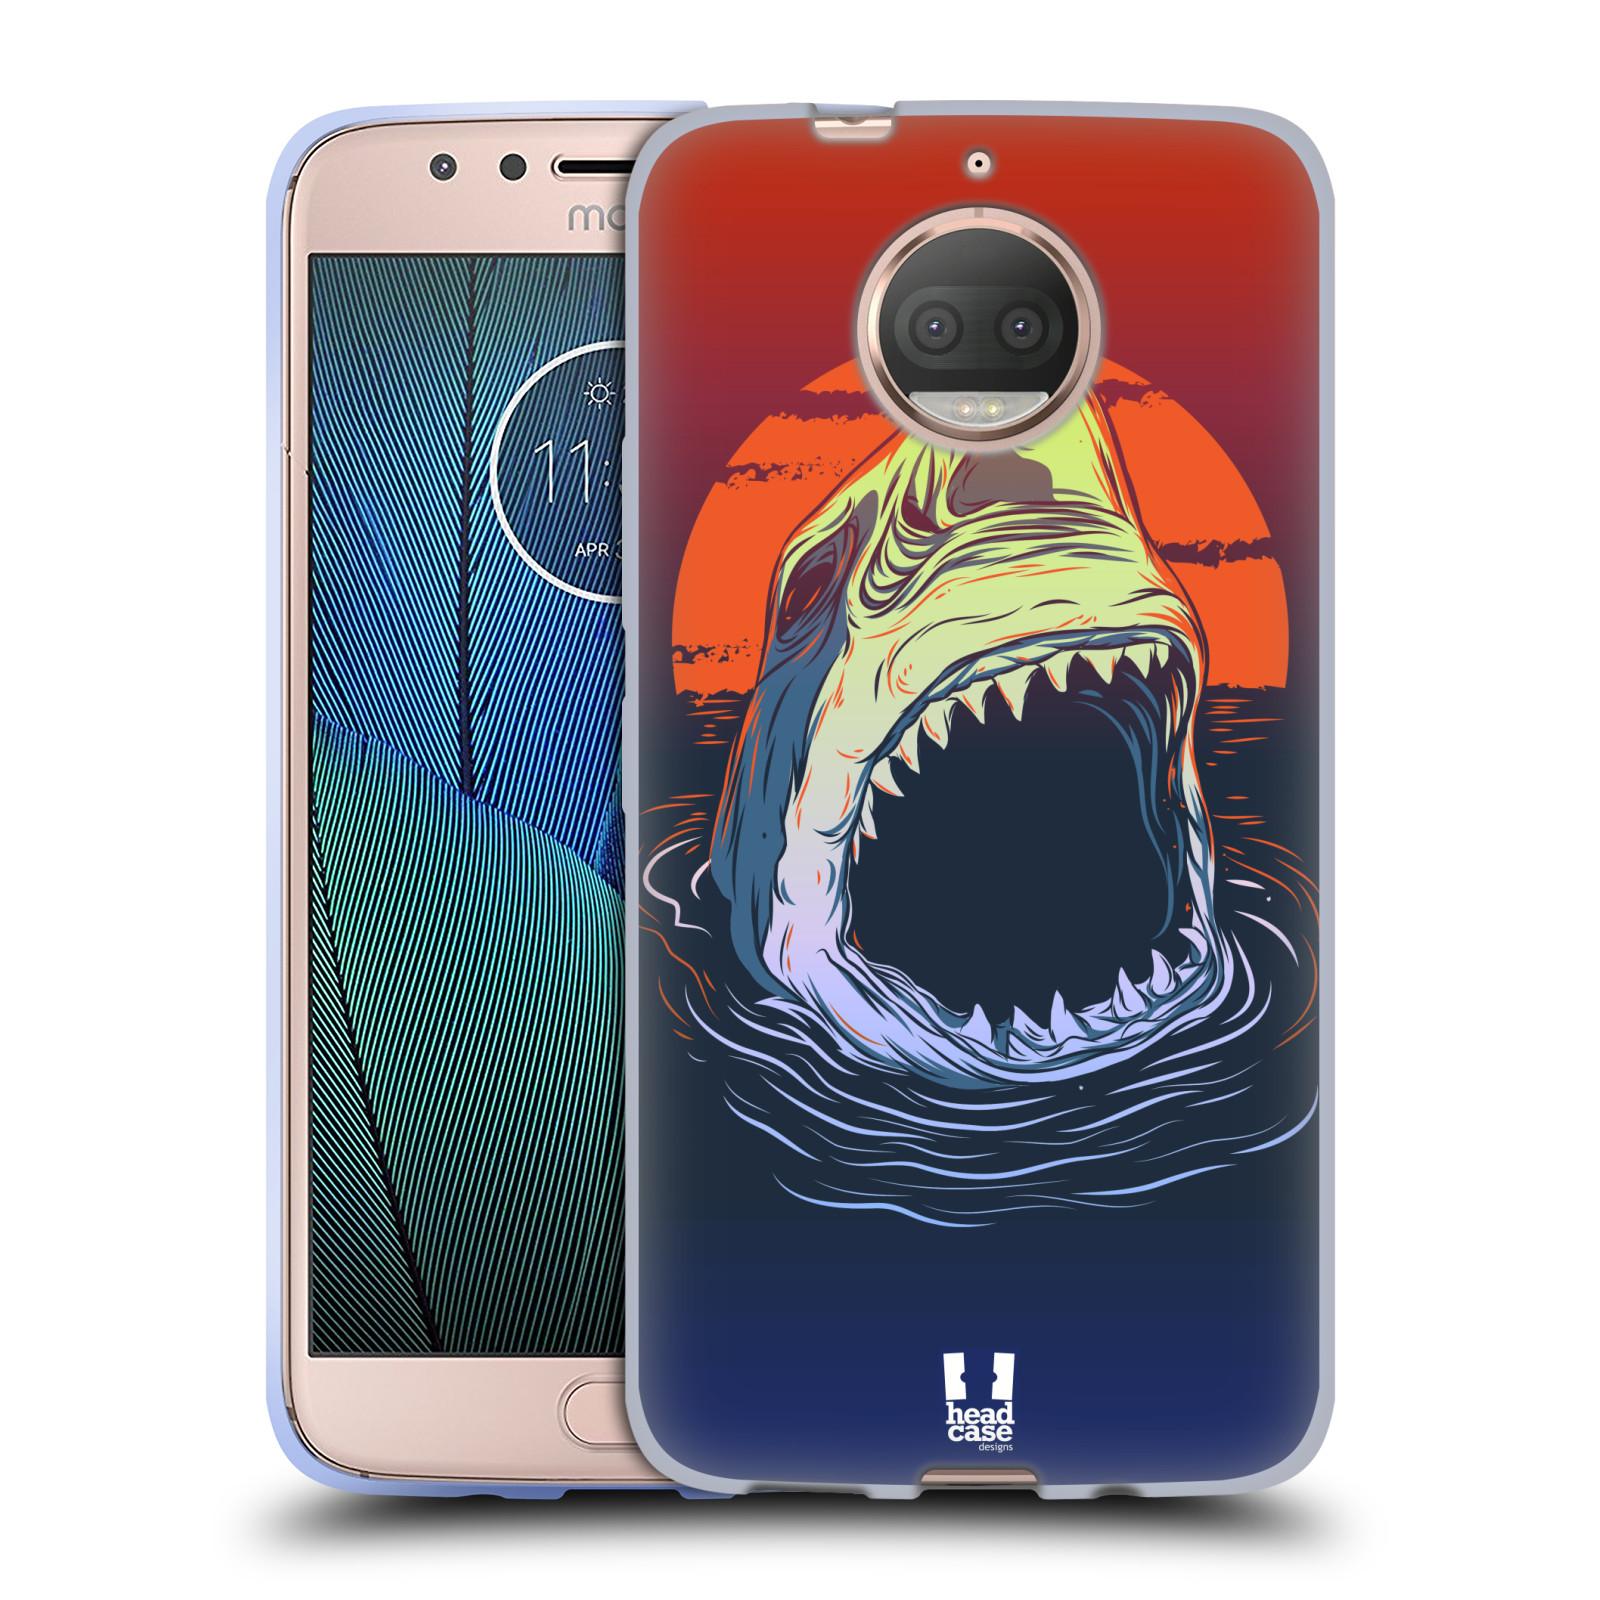 HEAD CASE silikonový obal na mobil Lenovo Moto G5s PLUS vzor mořská monstra žralok